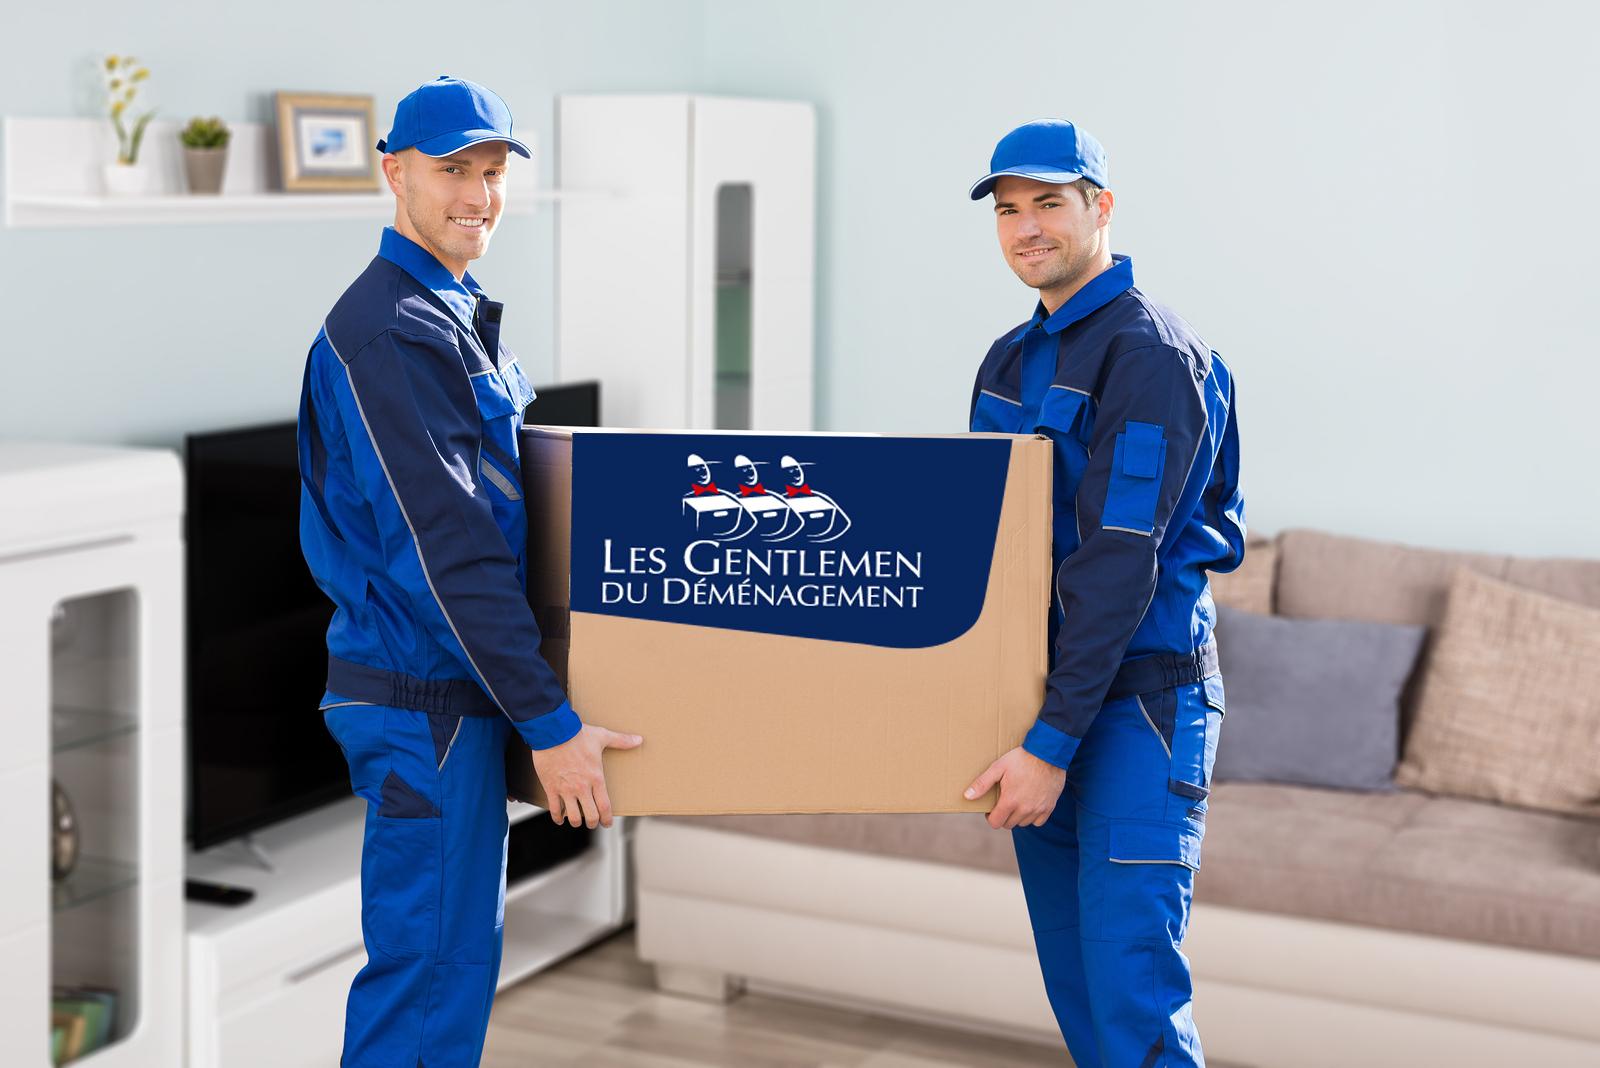 Déménageurs Côtes d'Armor pour tous vos déménagements en Bretagne et dans toute la France. Par Dolmen déménagements.